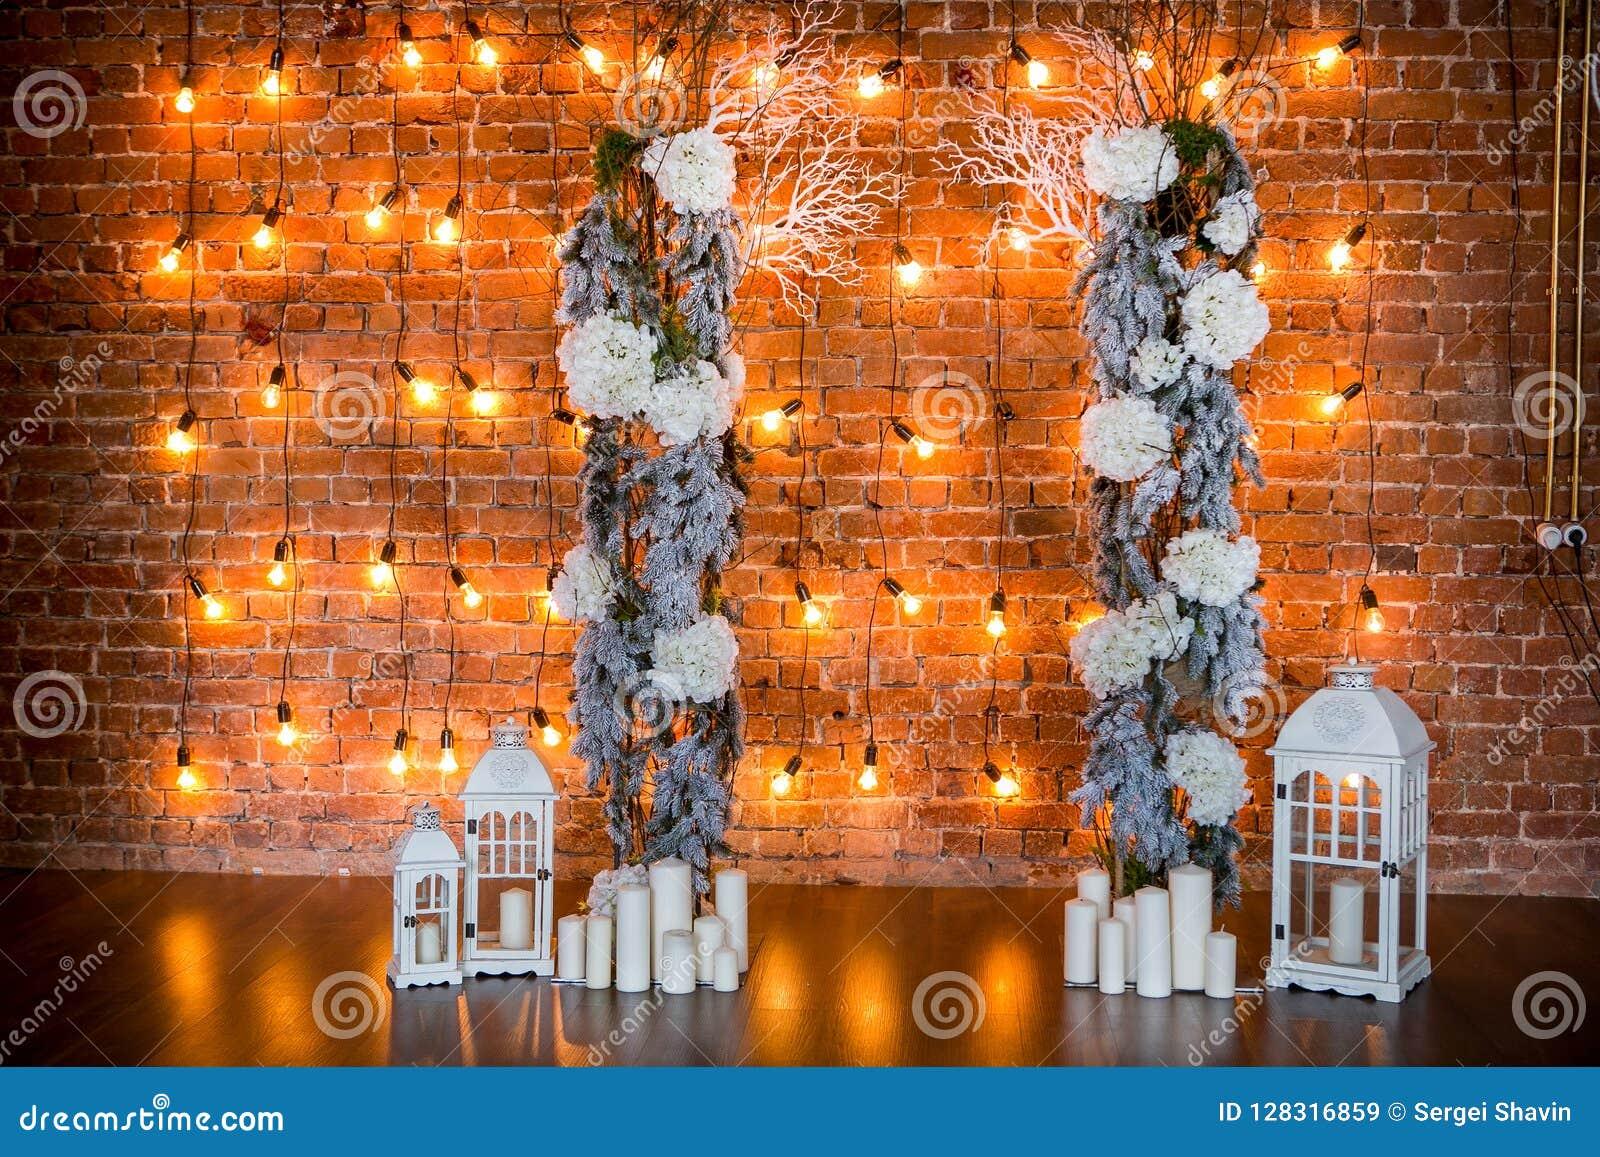 Ramas coníferas con los arbustos de la hortensia, las velas y las bombillas en un fondo del ladrillo